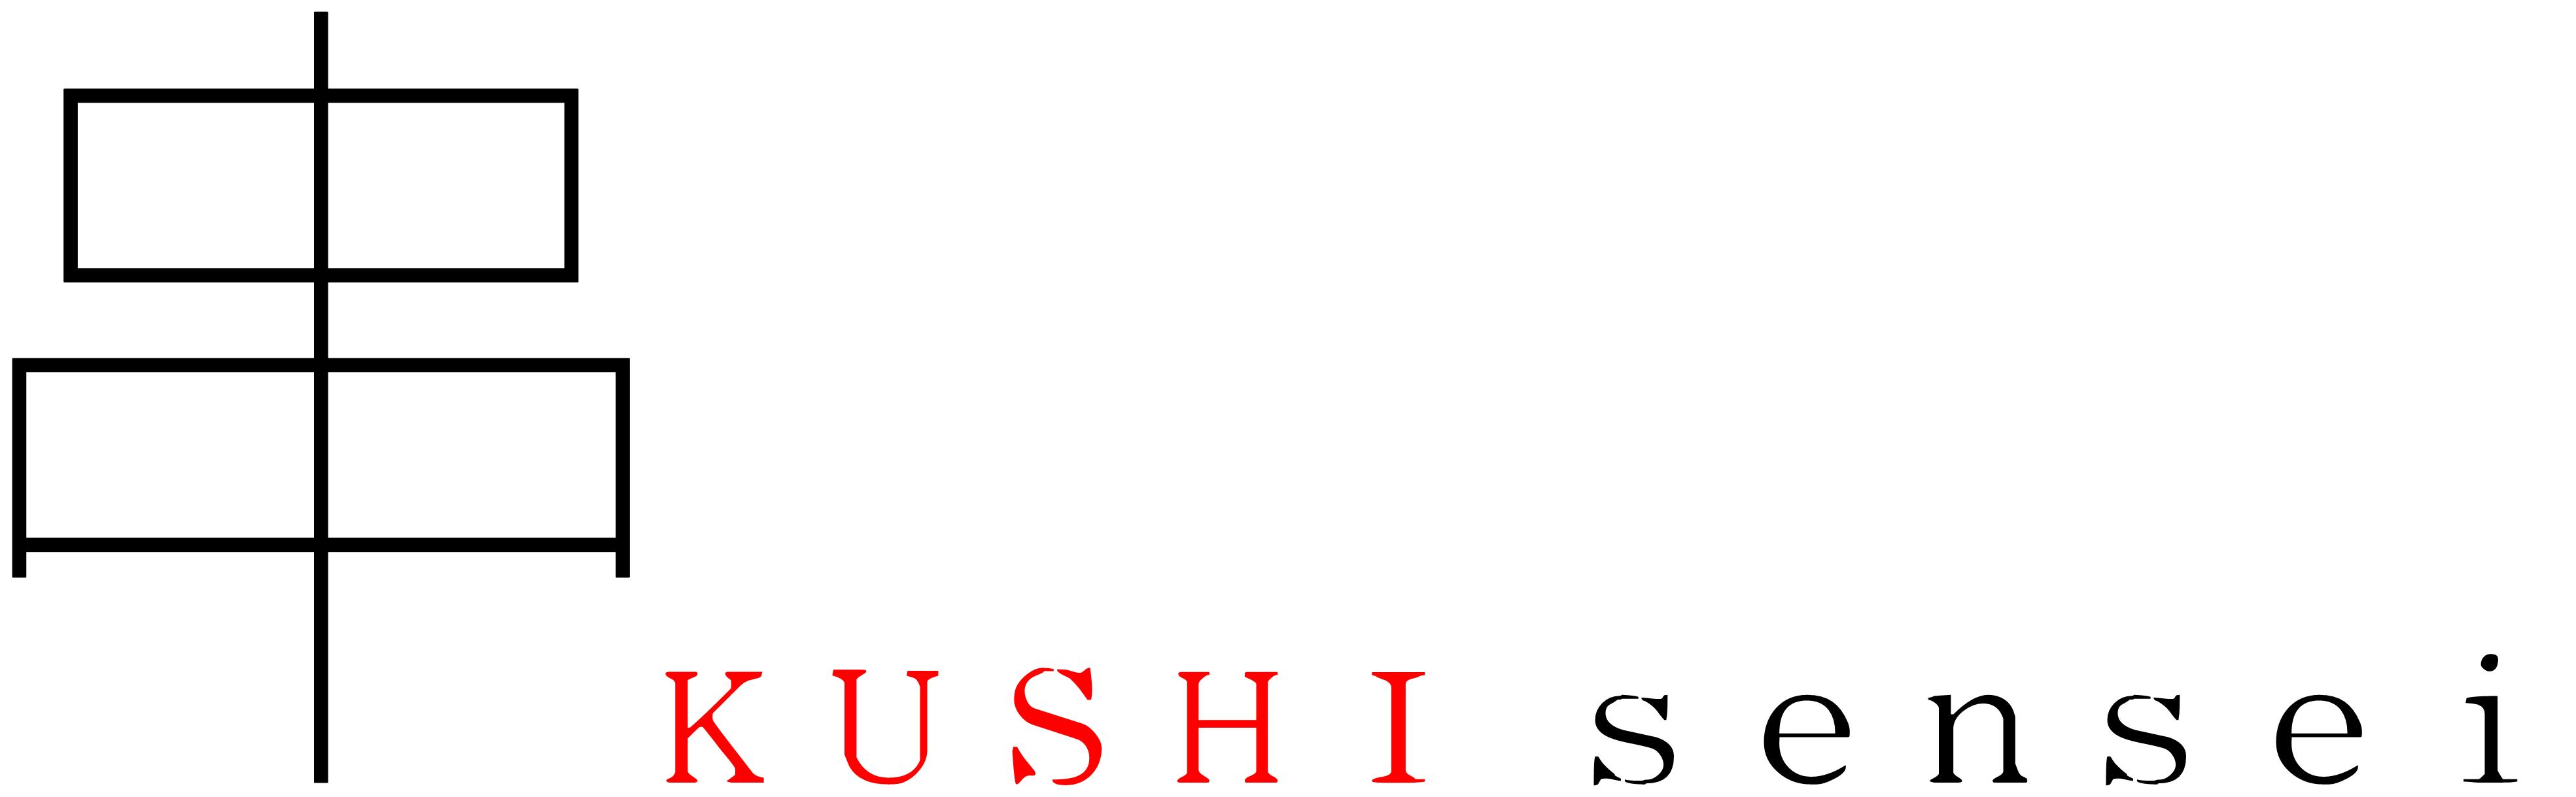 kushi_logo